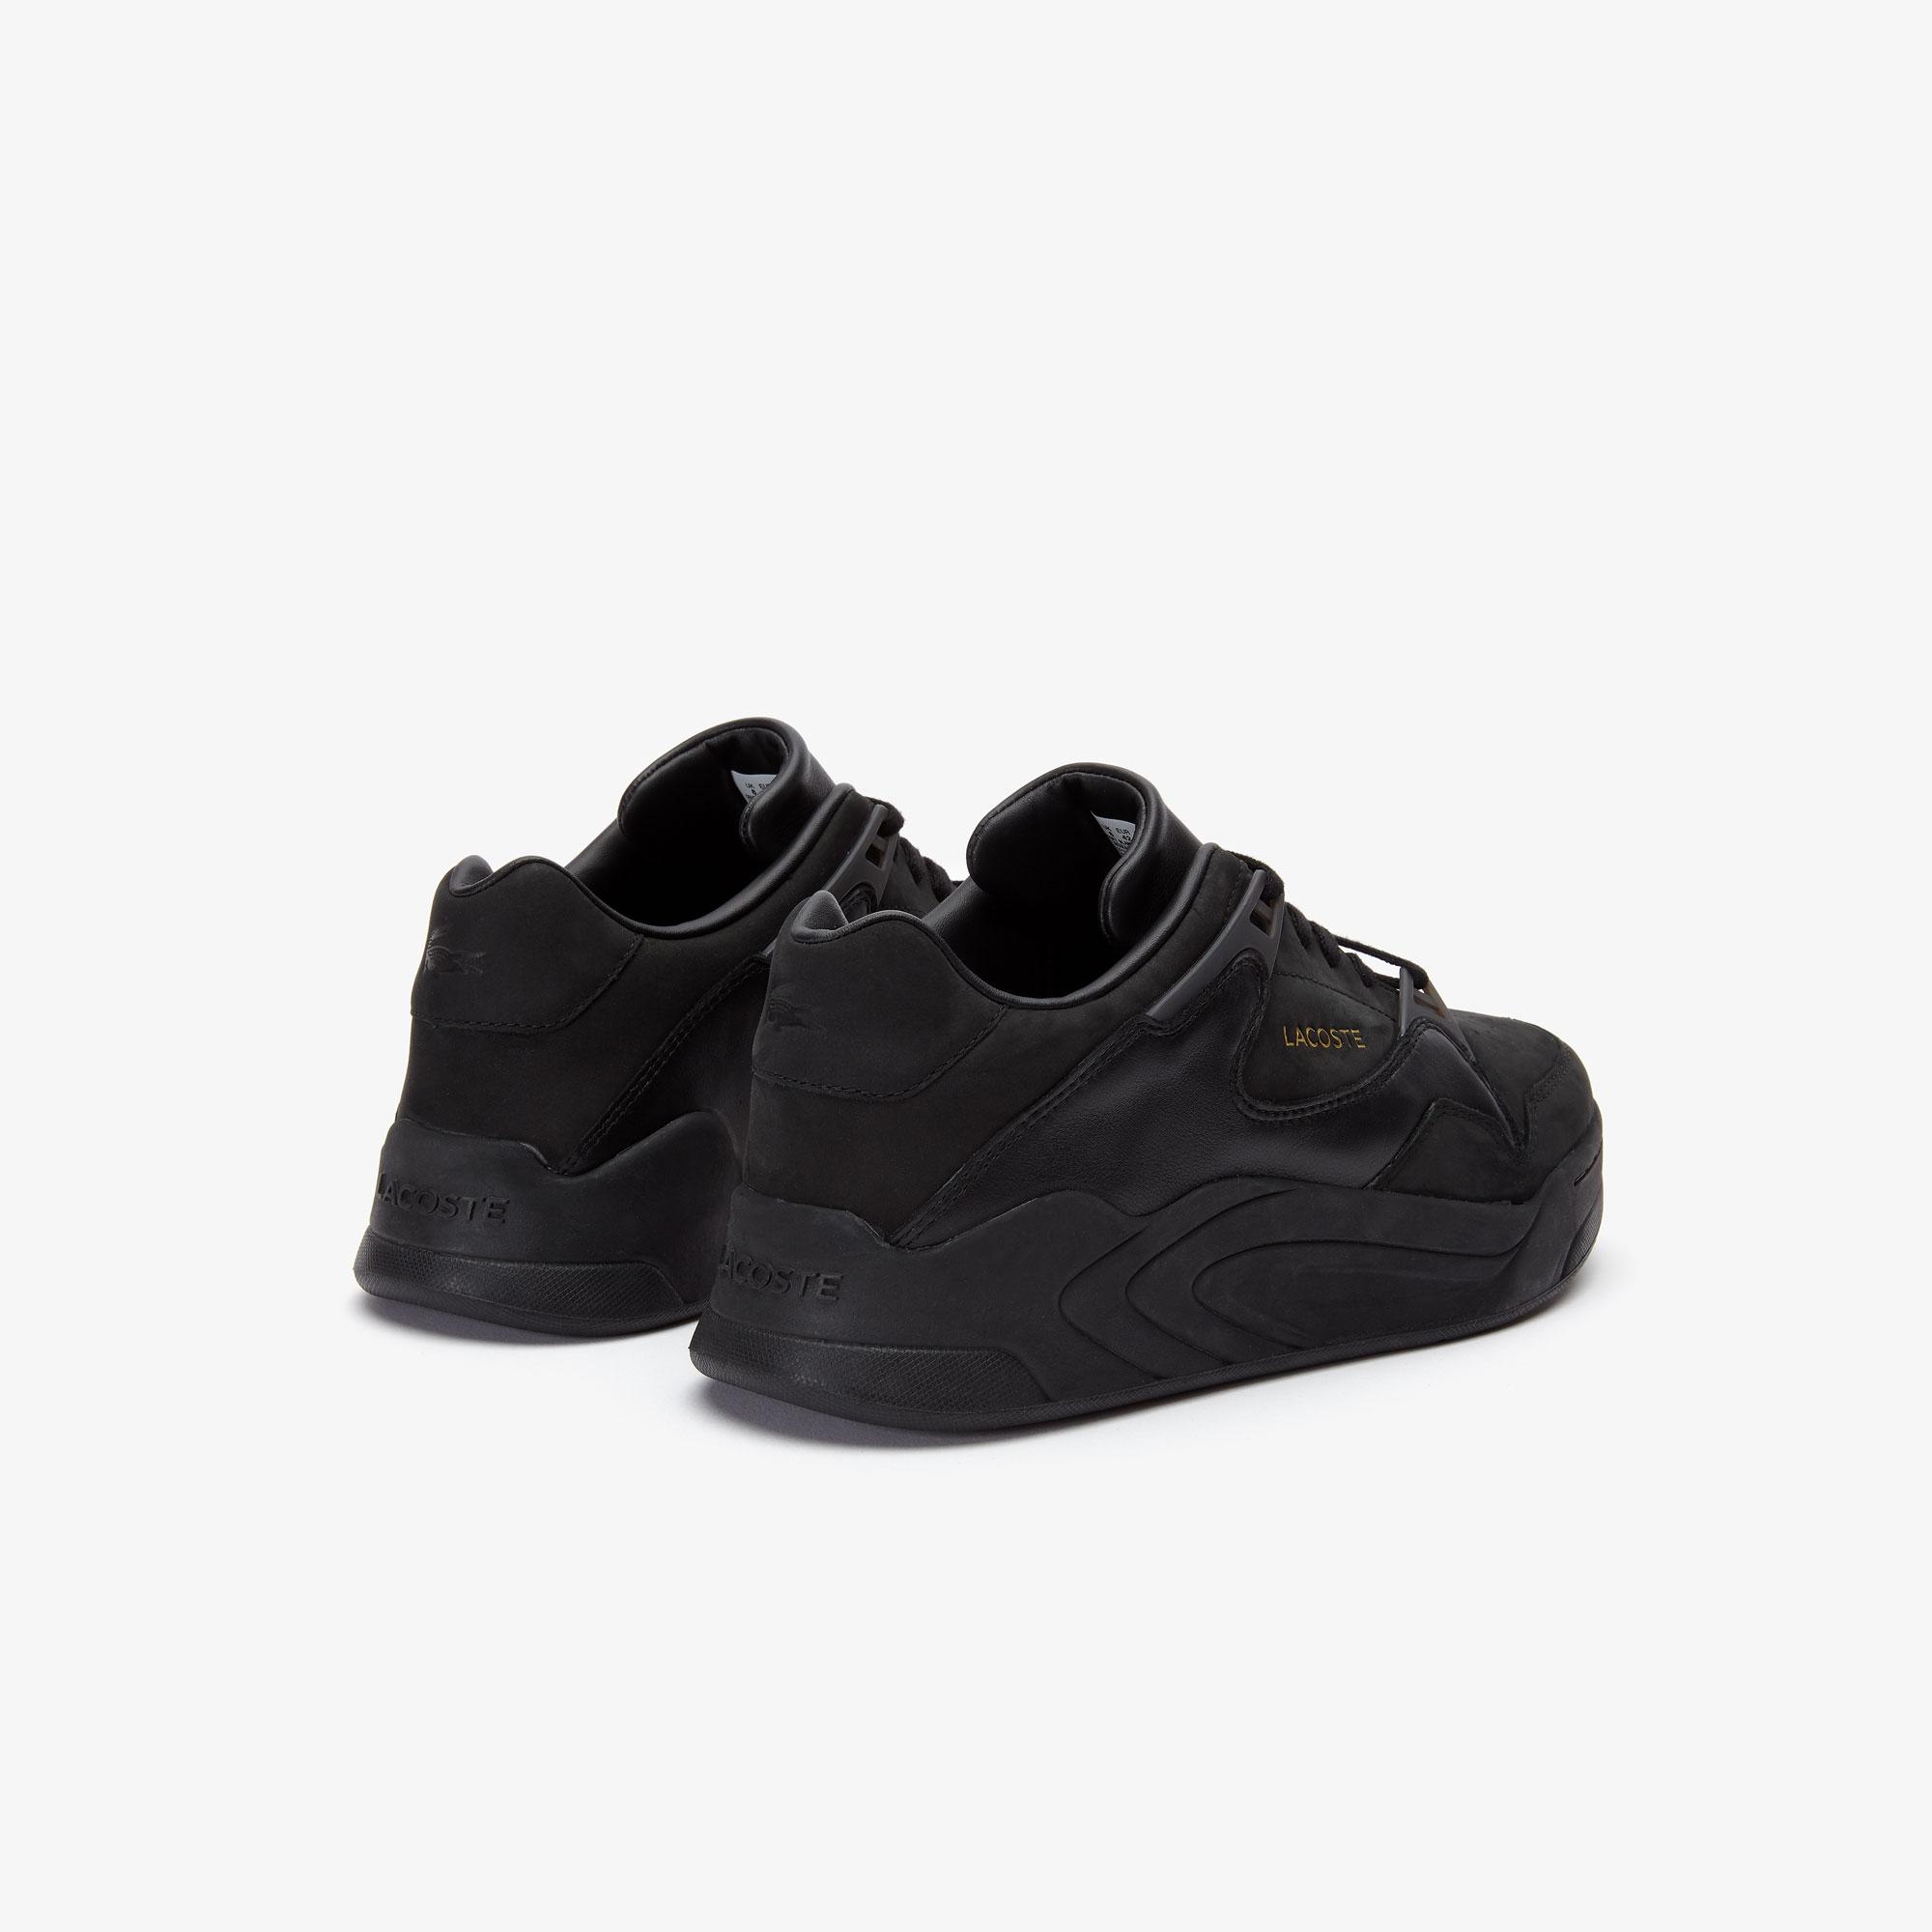 Lacoste Court Slam 419 1 Męskie Sneakersy